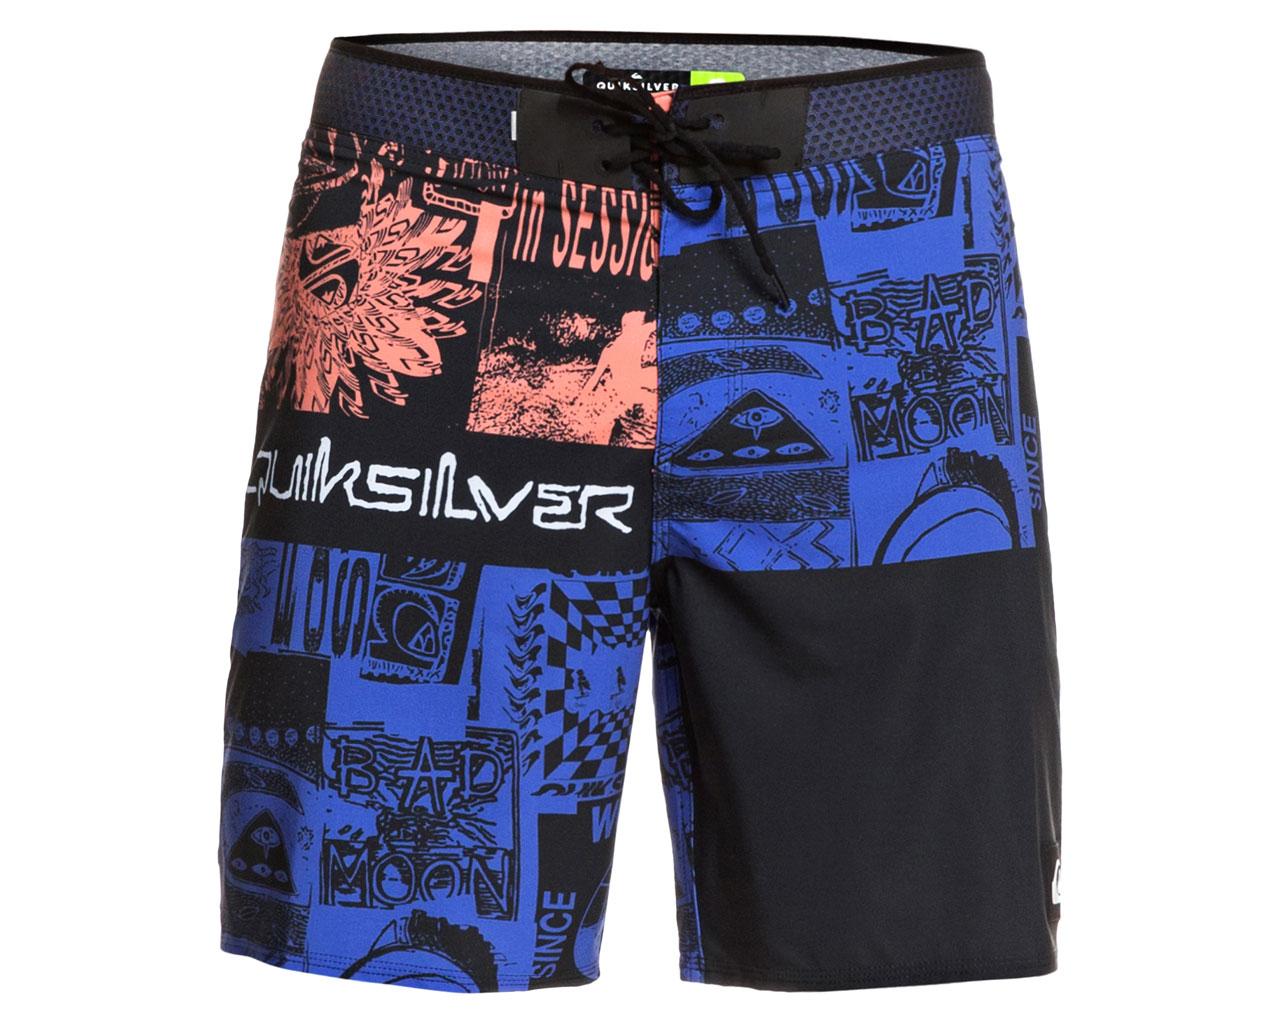 Quicksilver-shorts